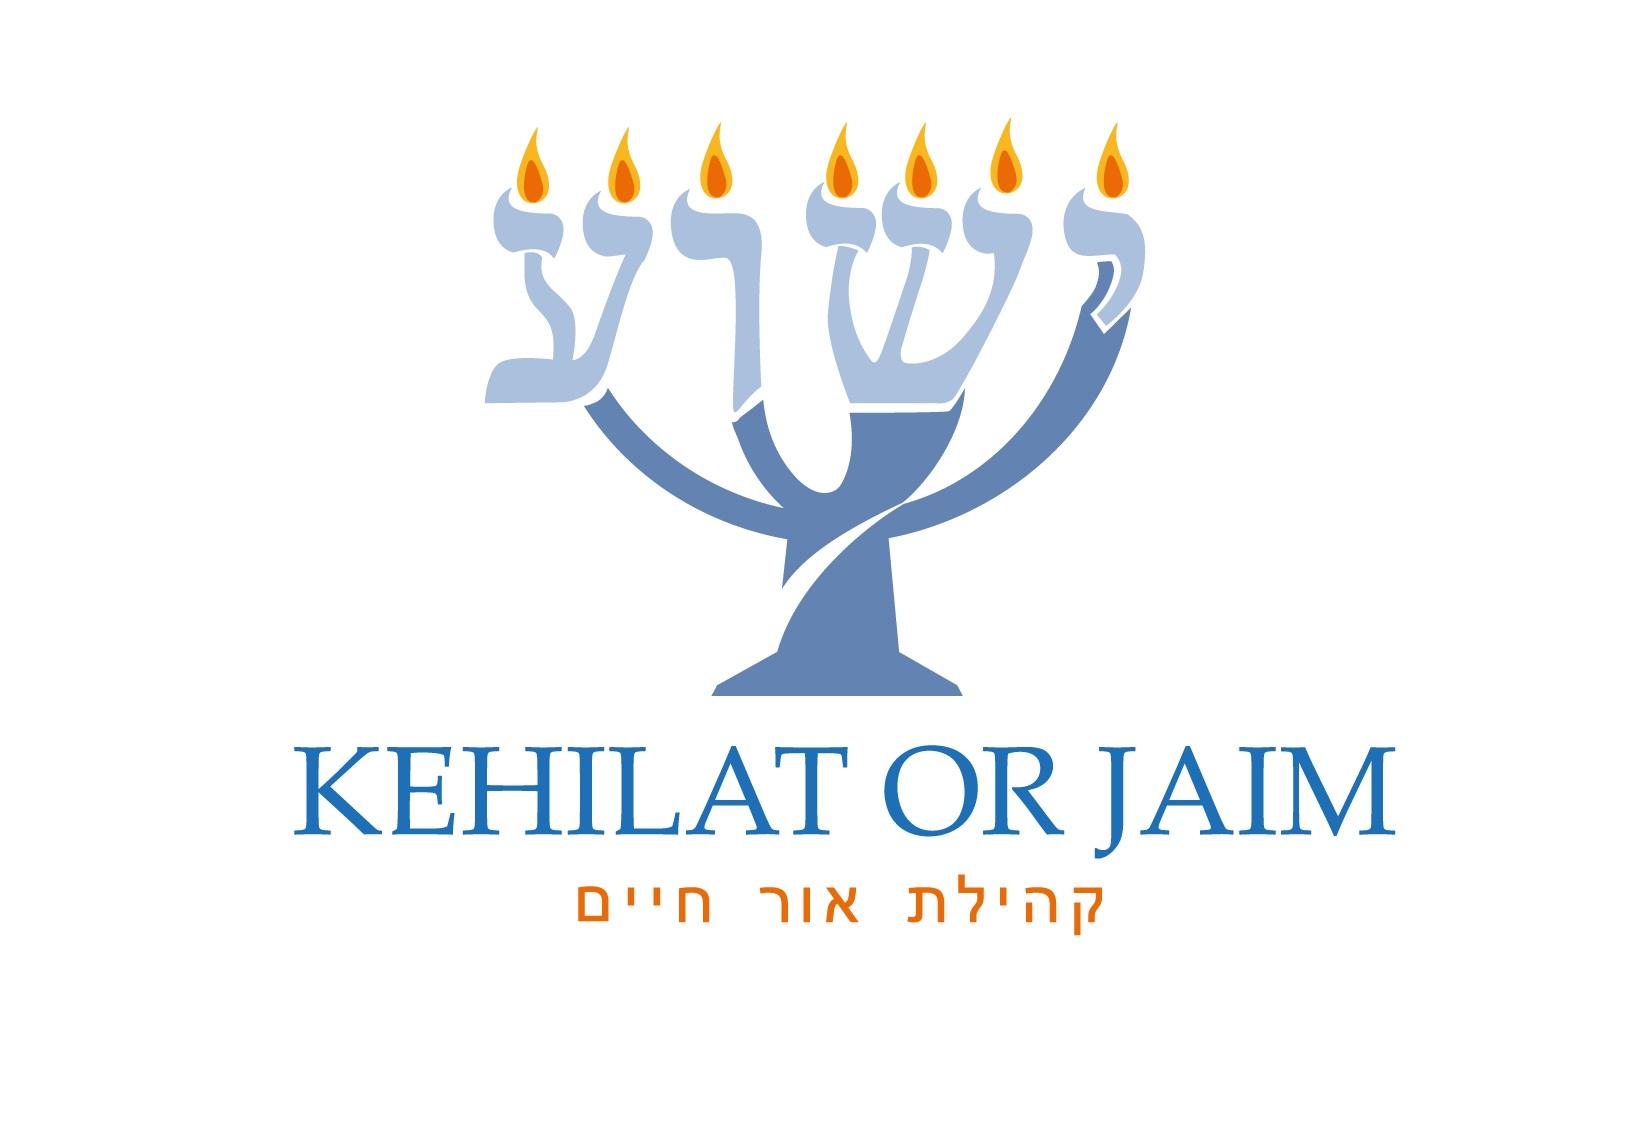 Logo Kehilator1-01.png